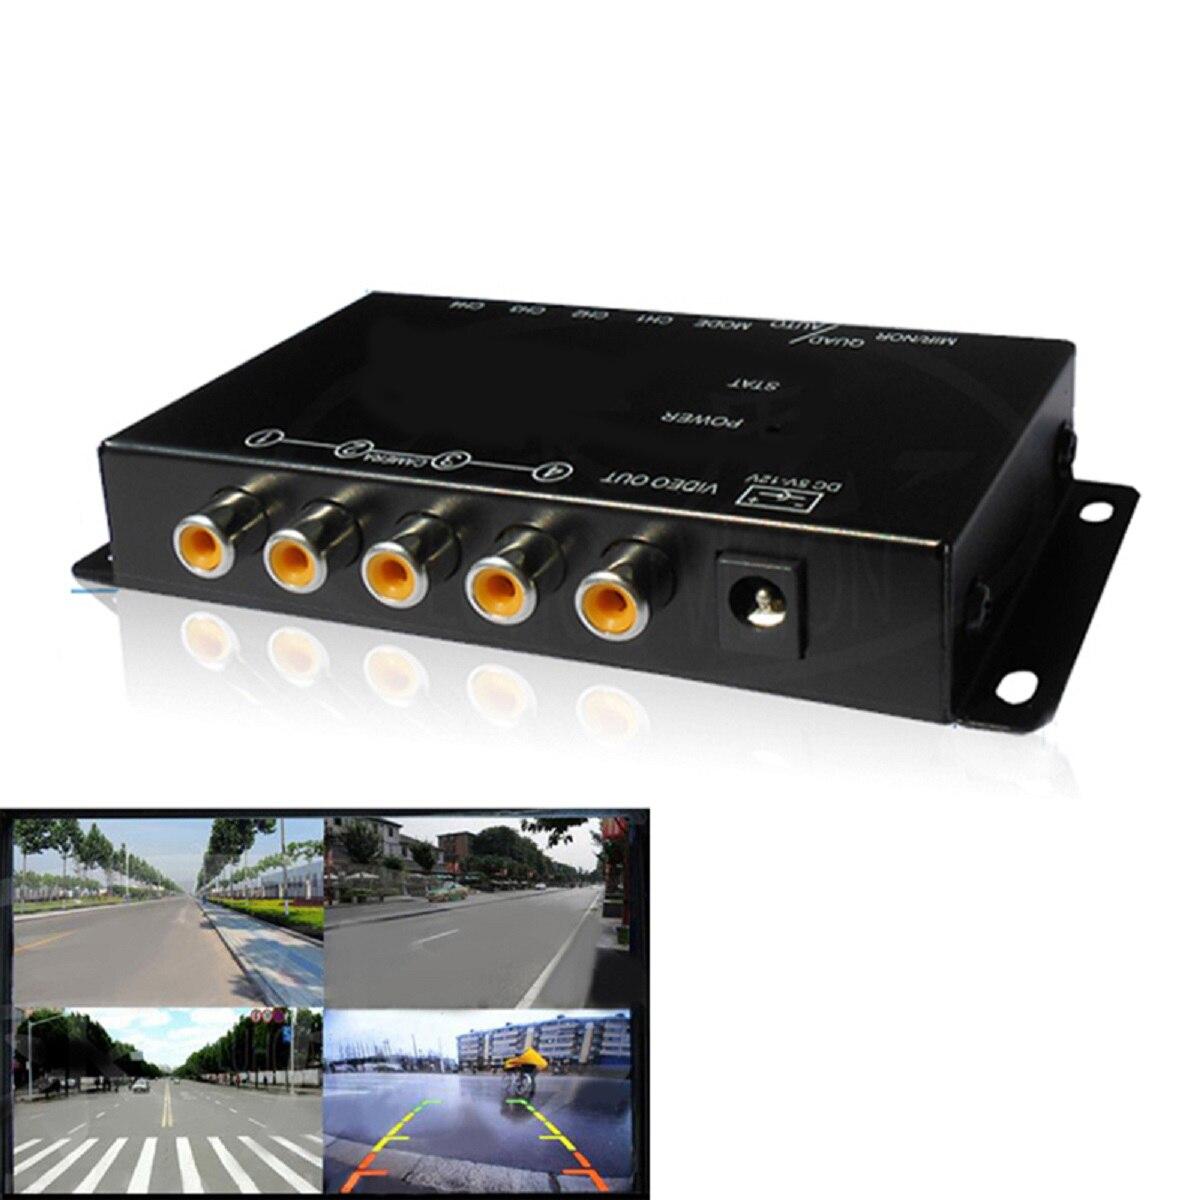 Alibaba グループ 上の IR 制御 4 カメラビデオ制御車カメラ画像カメラスイッチコンバイナため左右フロントリア駐車場カメラボックス 1